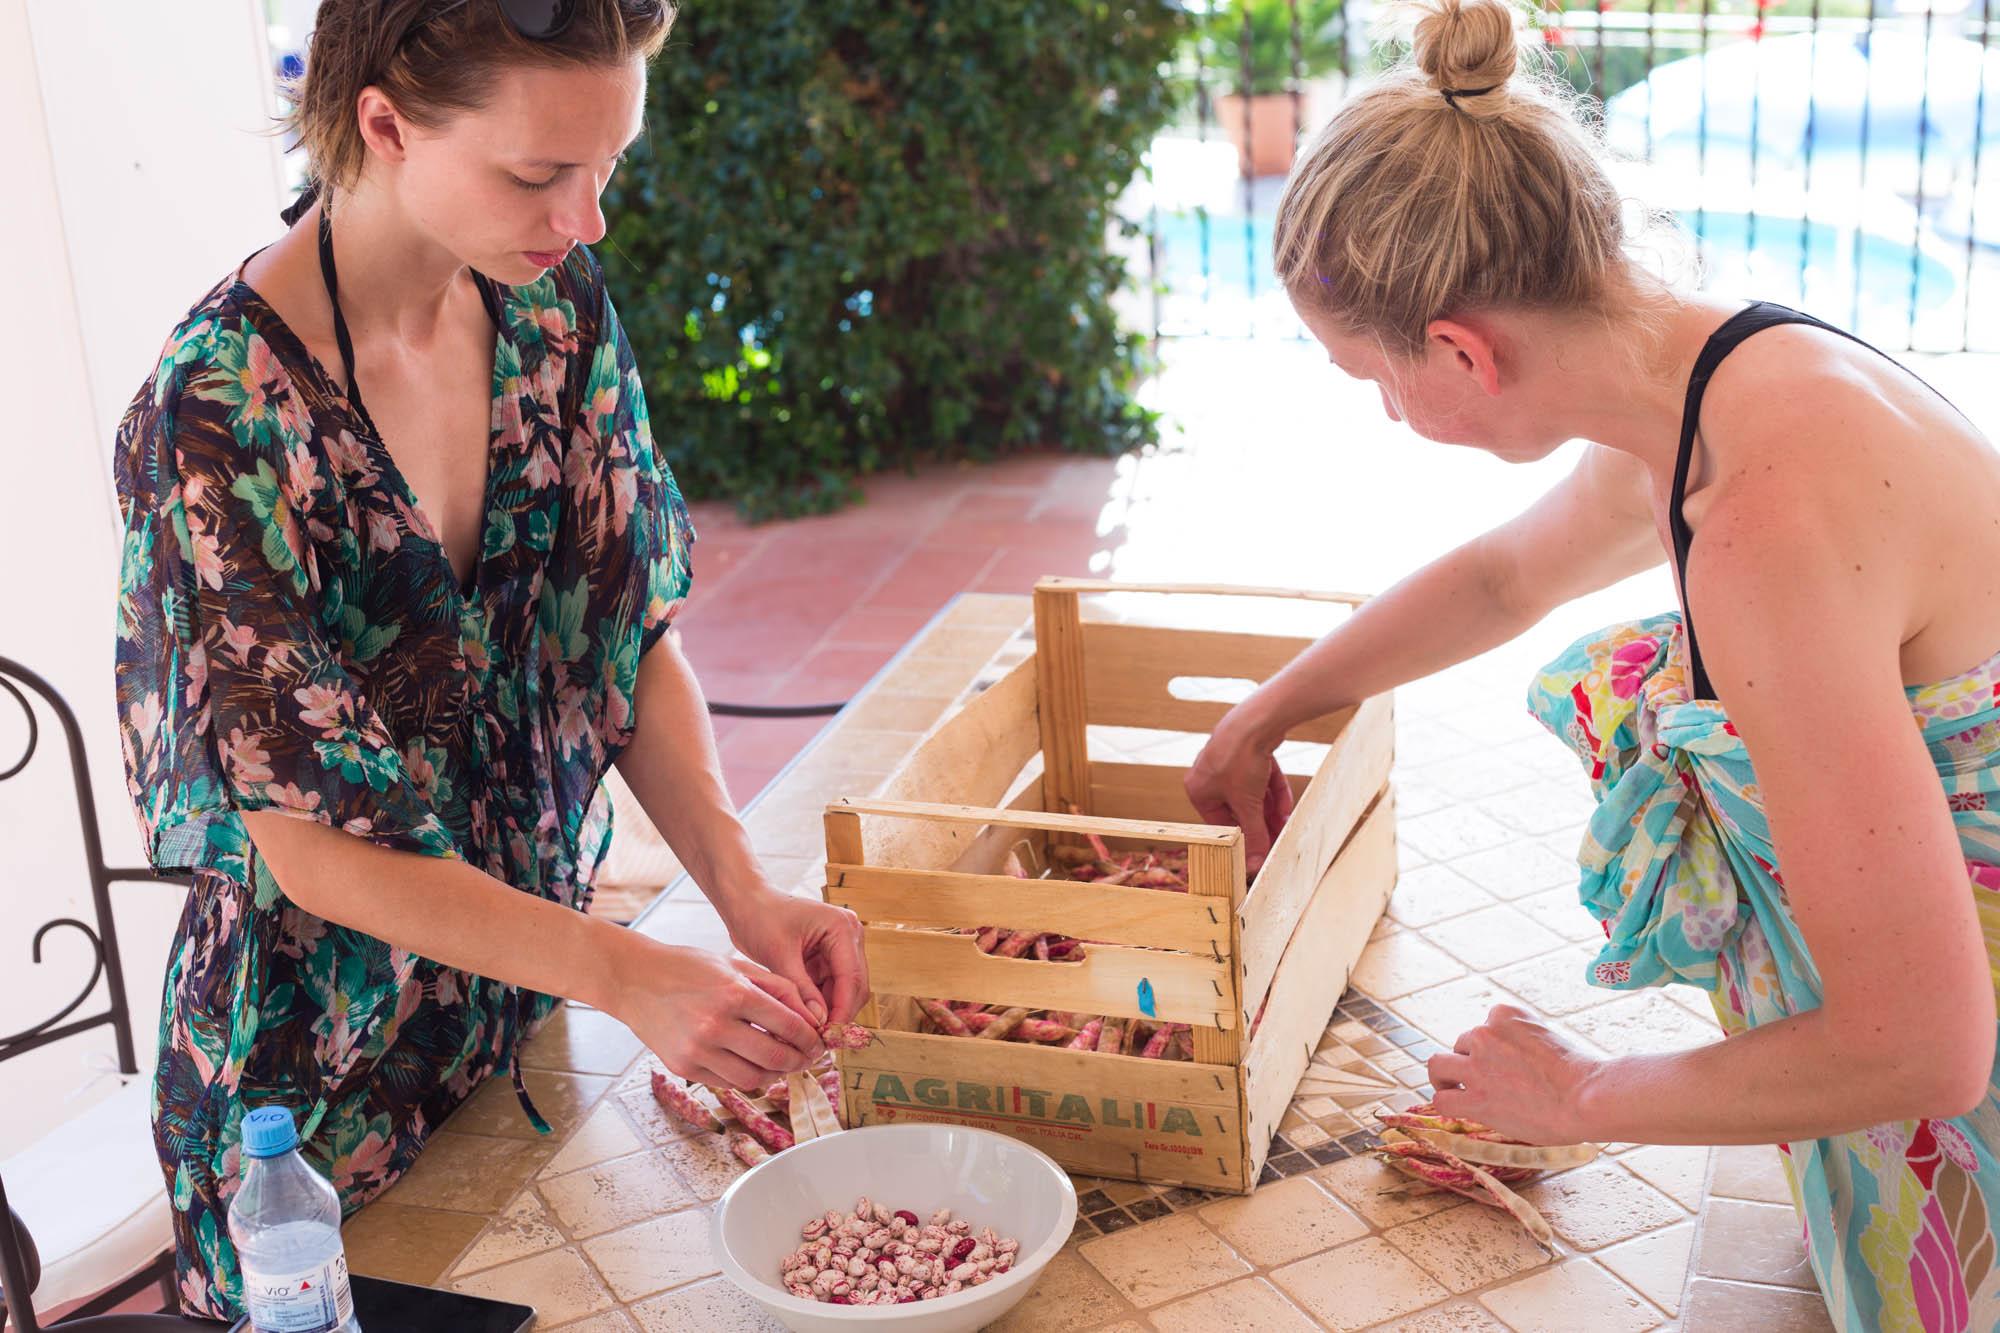 Preparing Borlottibeans